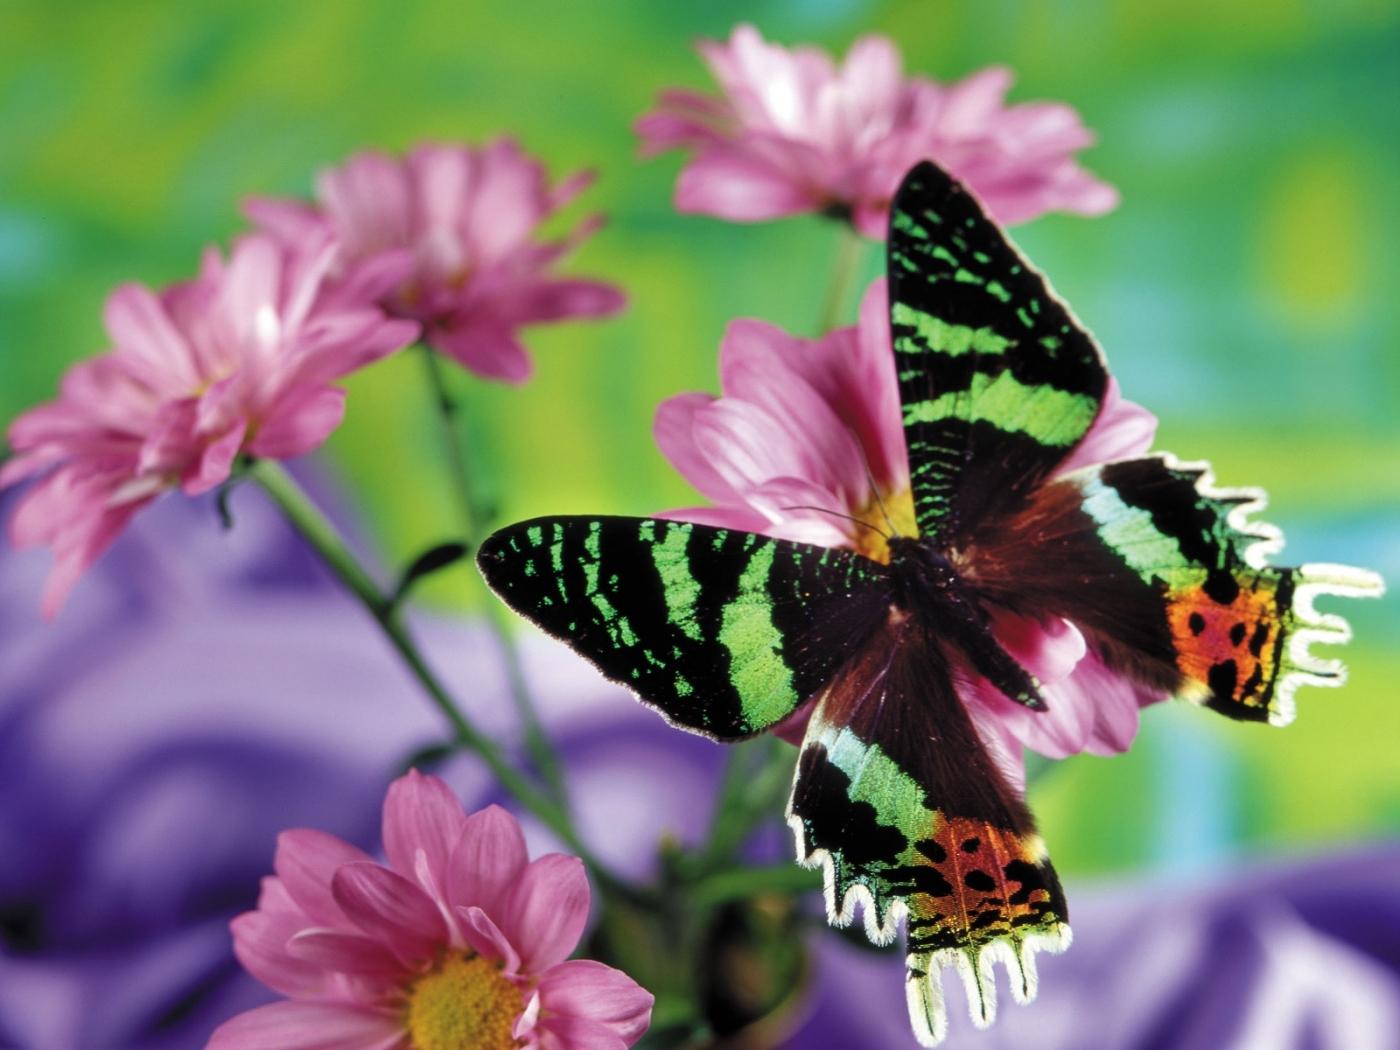 27982 Hintergrundbild herunterladen Schmetterlinge, Insekten - Bildschirmschoner und Bilder kostenlos